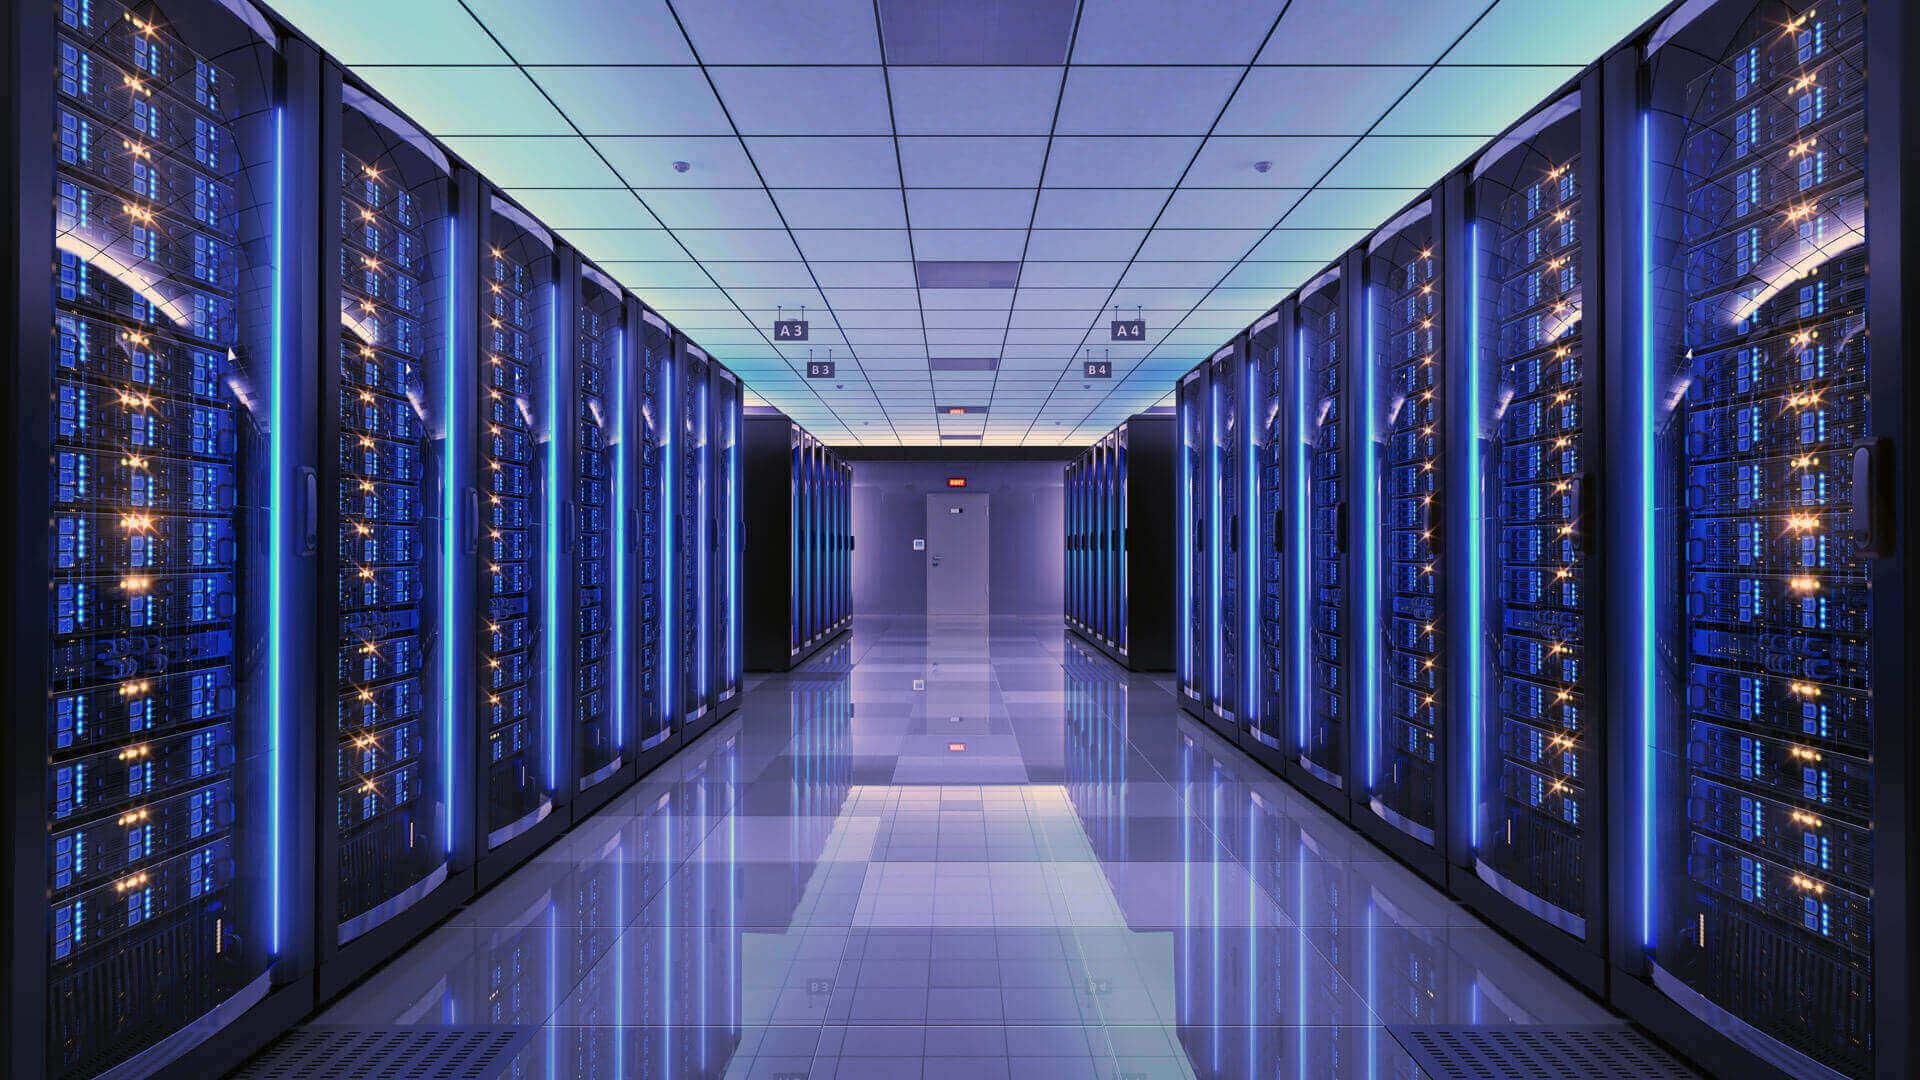 Testutrustning för dataserver - NH Research (NHR)